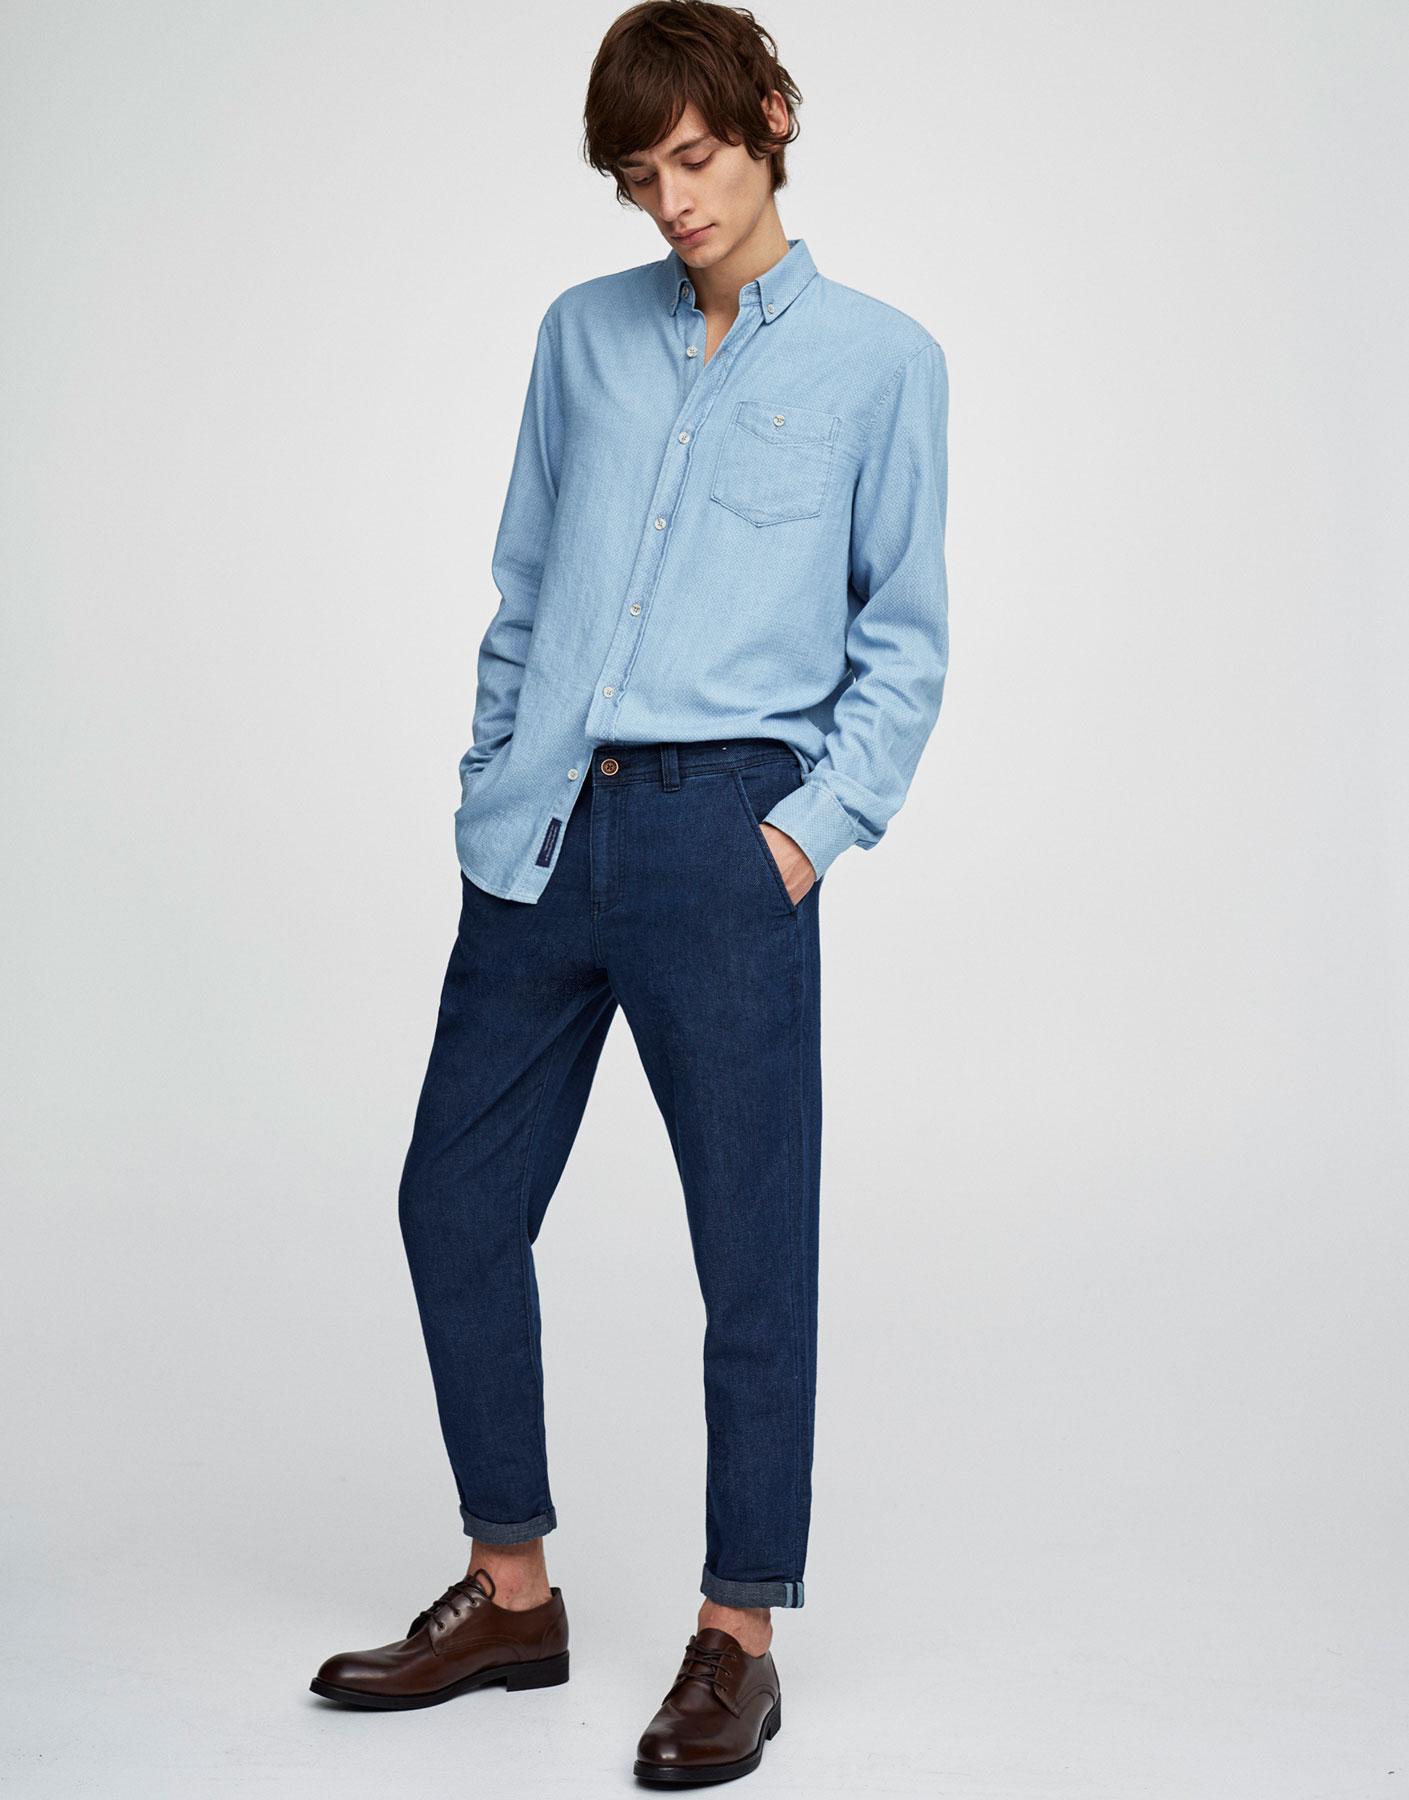 Textured weave indigo shirt